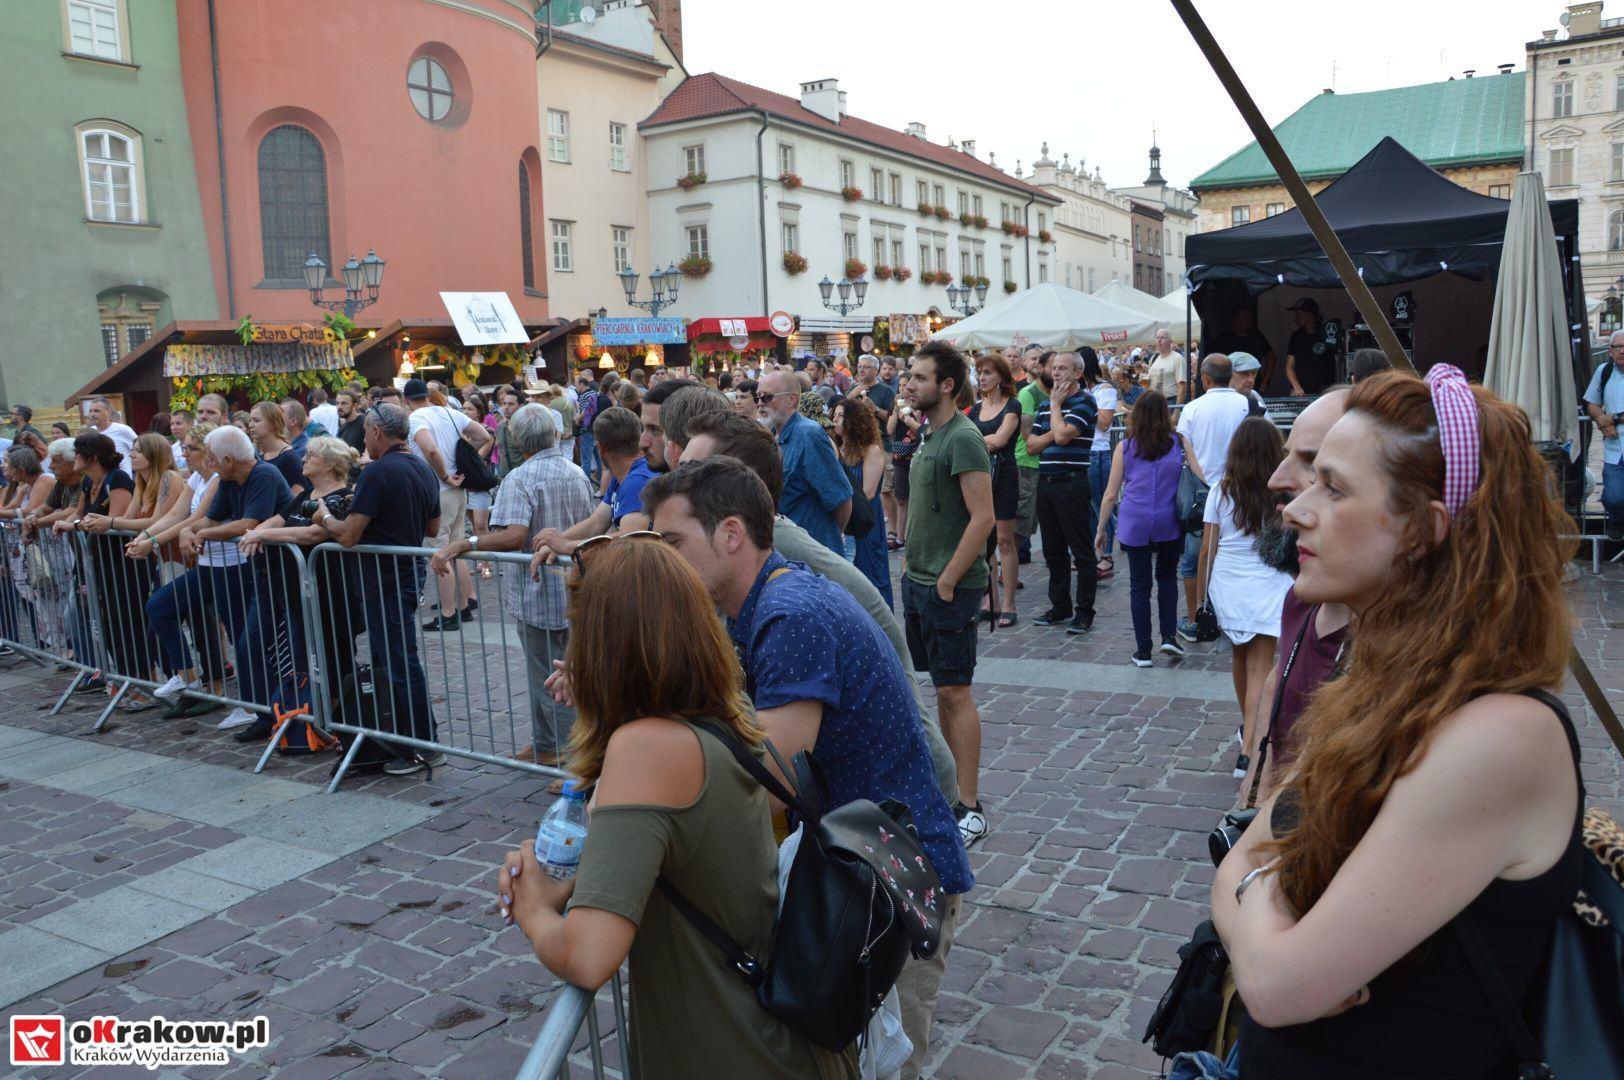 krakow festiwal pierogow maly rynek koncert cheap tobacco 123 150x150 - Galeria zdjęć Festiwal Pierogów Kraków 2018 + zdjęcia z koncertu Cheap Tobacco